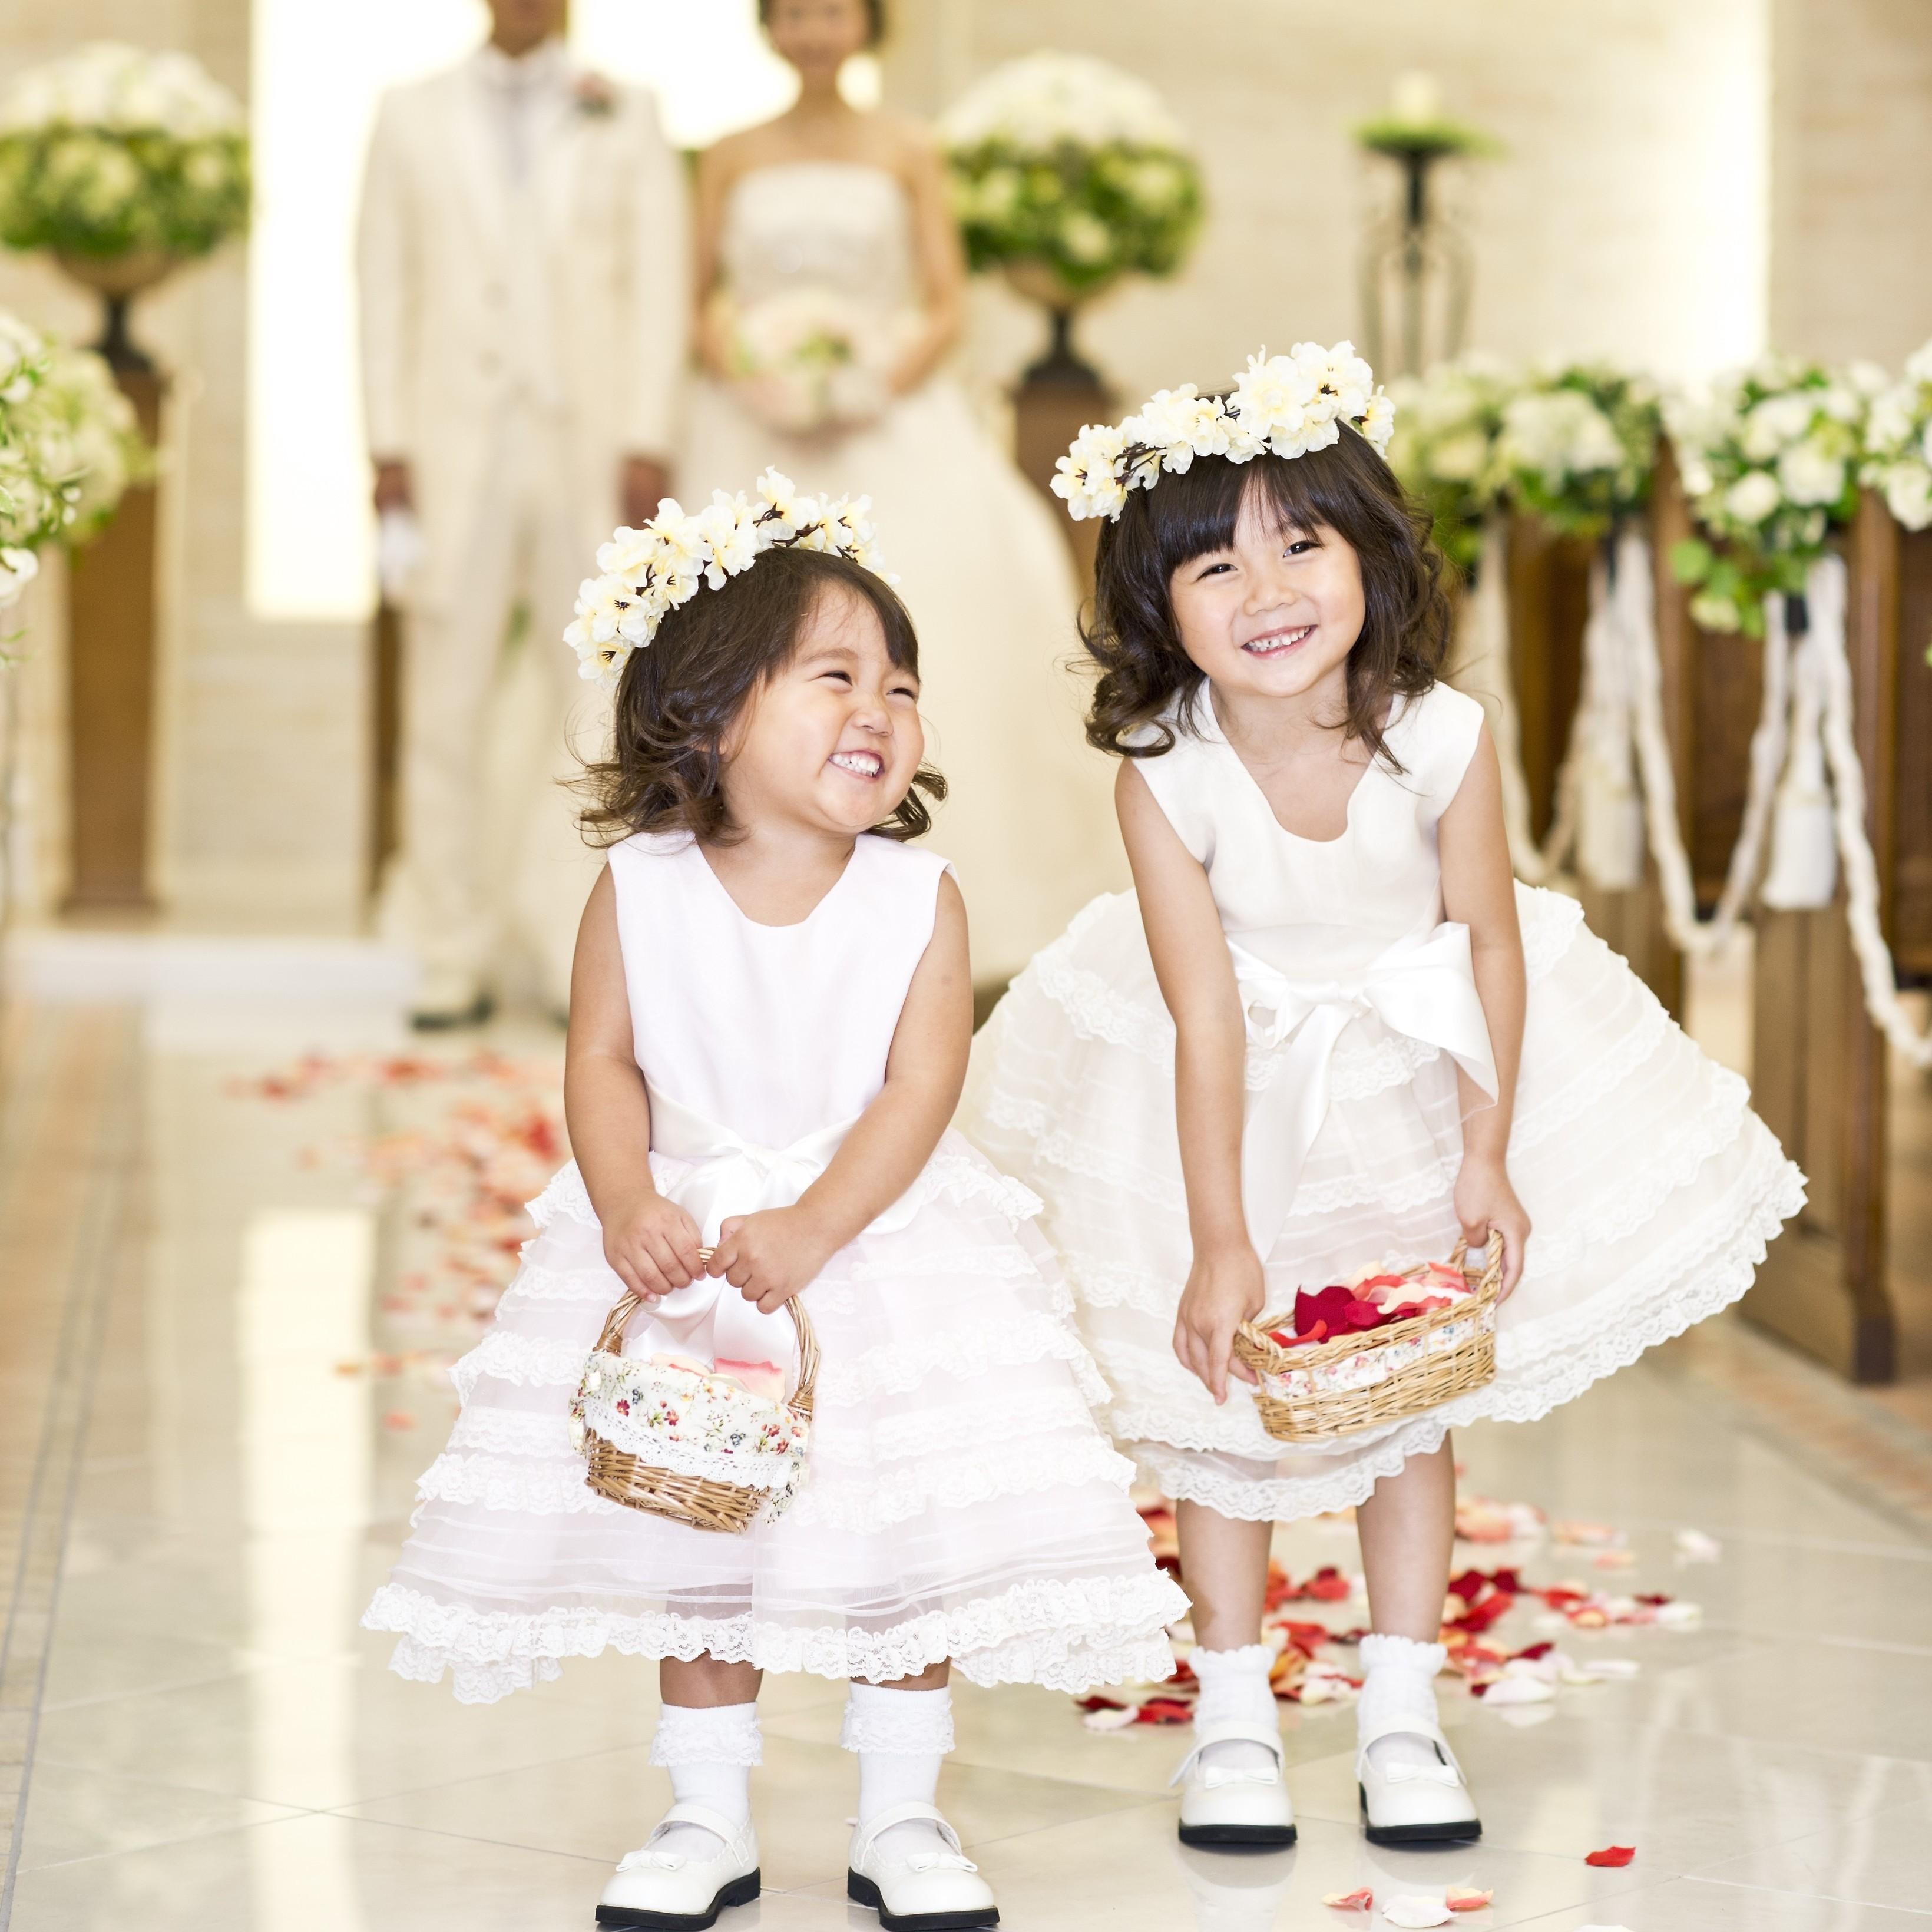 【マタニティ&パパママ婚】経験豊富なスタッフによる相談会